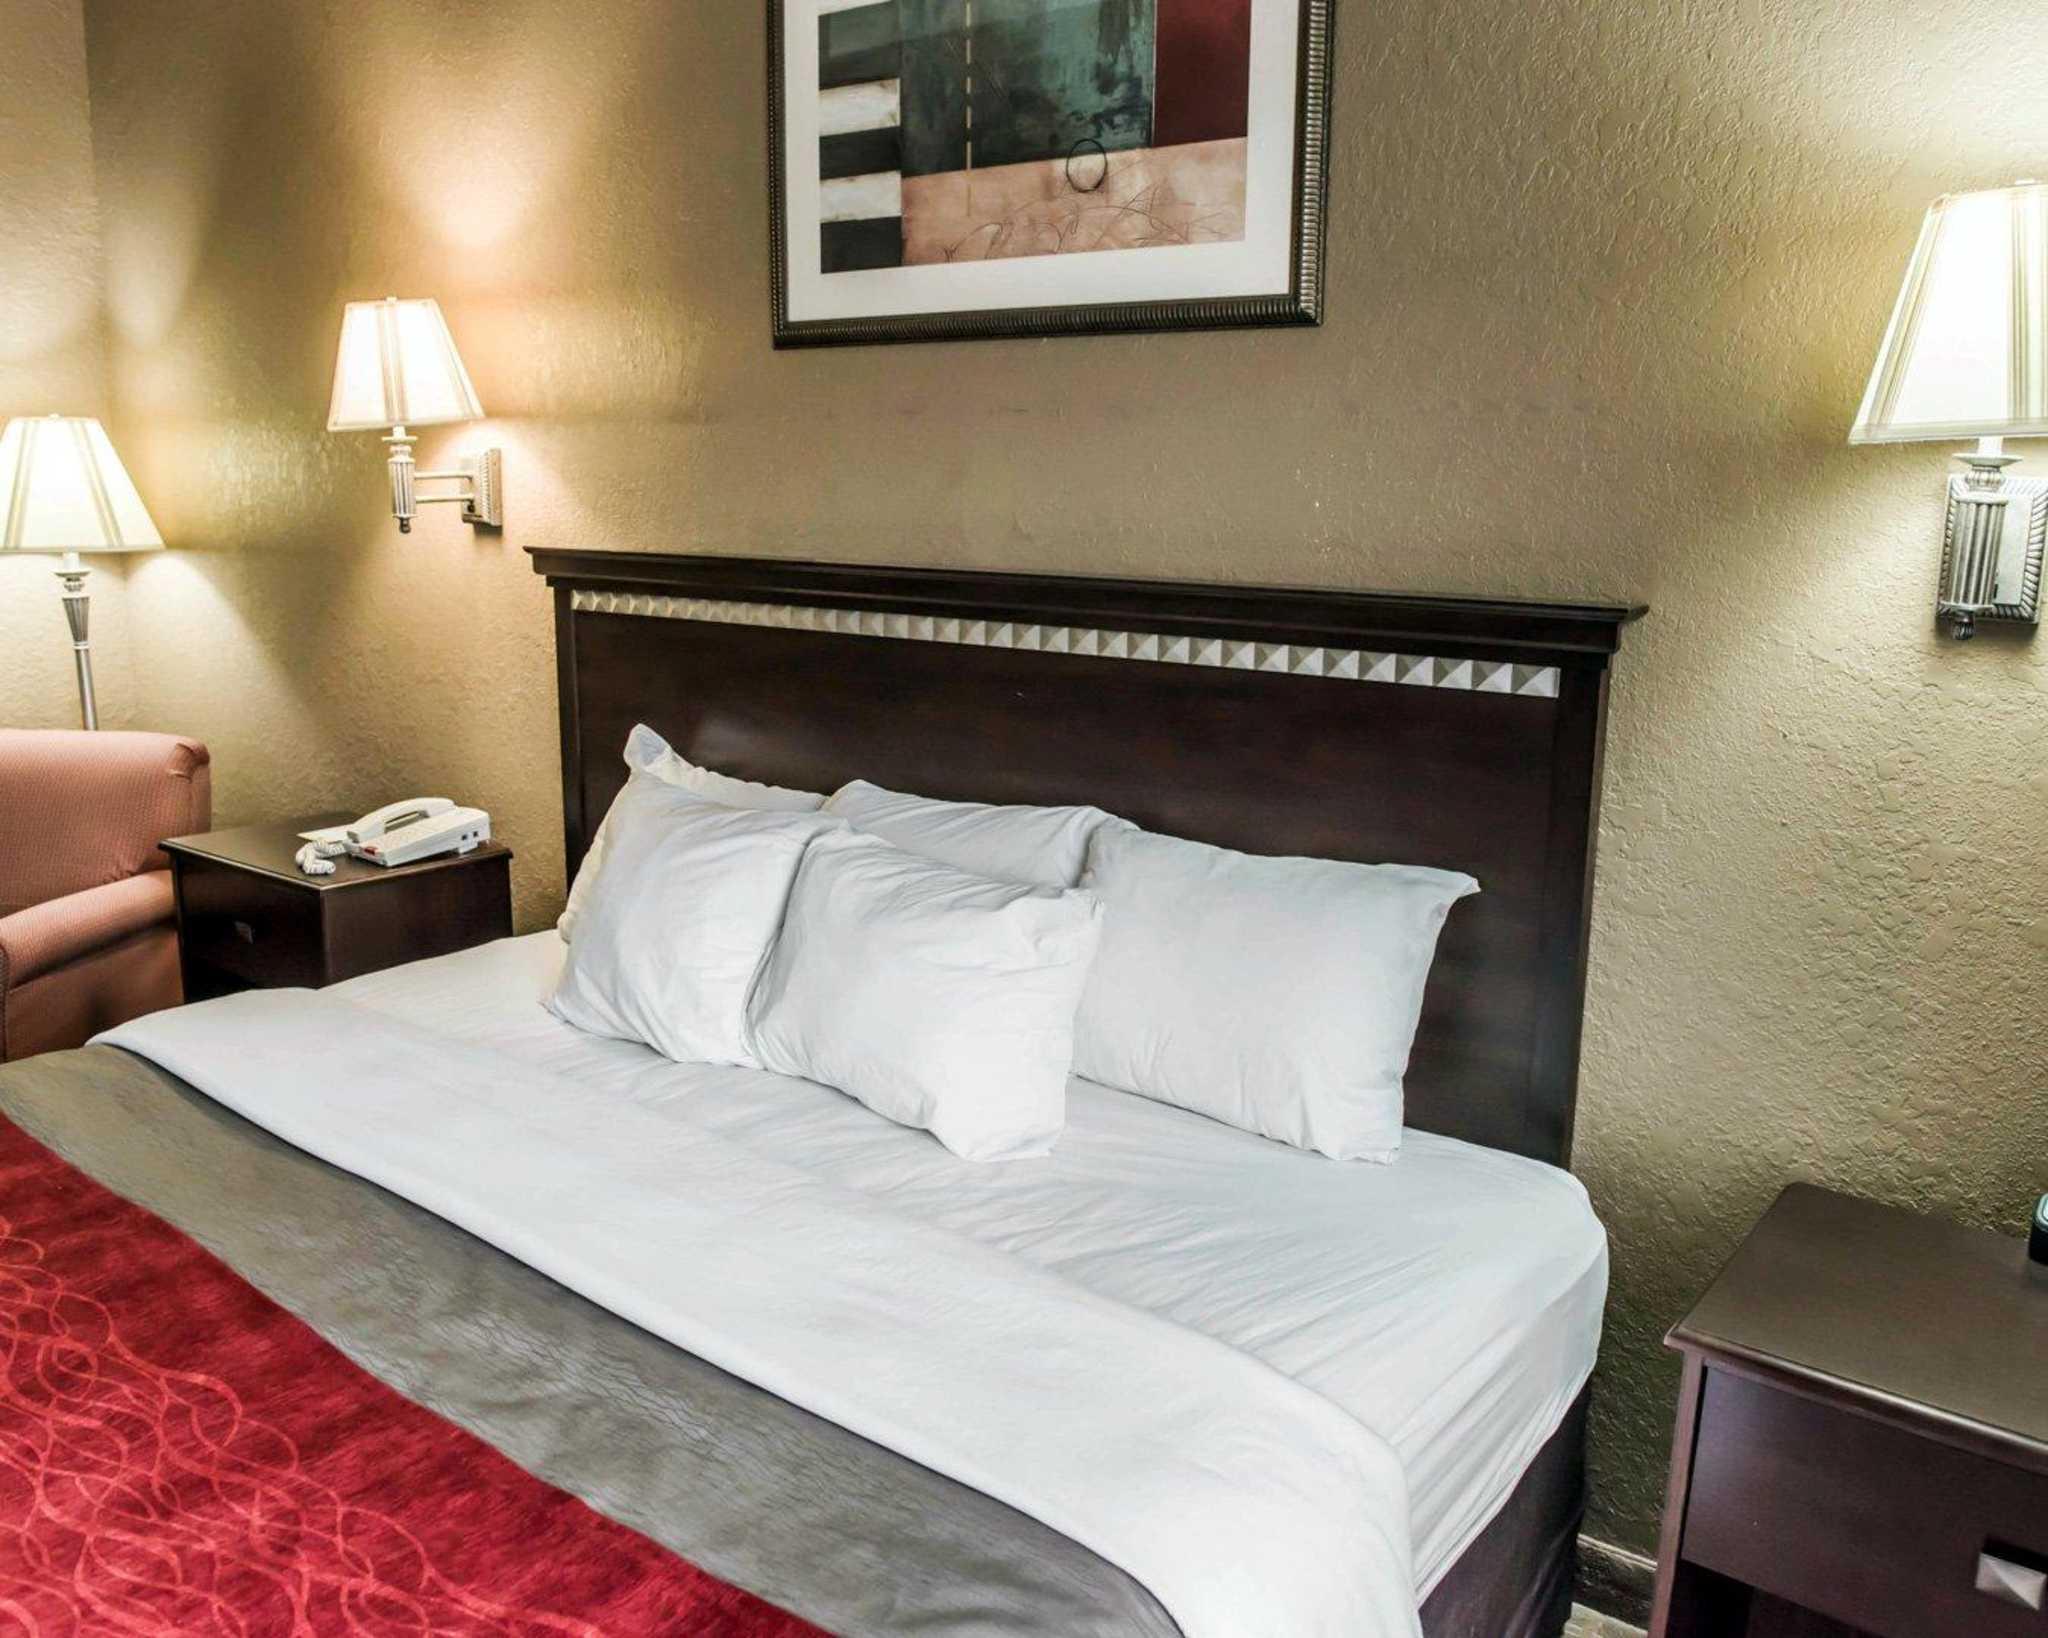 Comfort Inn & Suites Marianna I-10 image 12